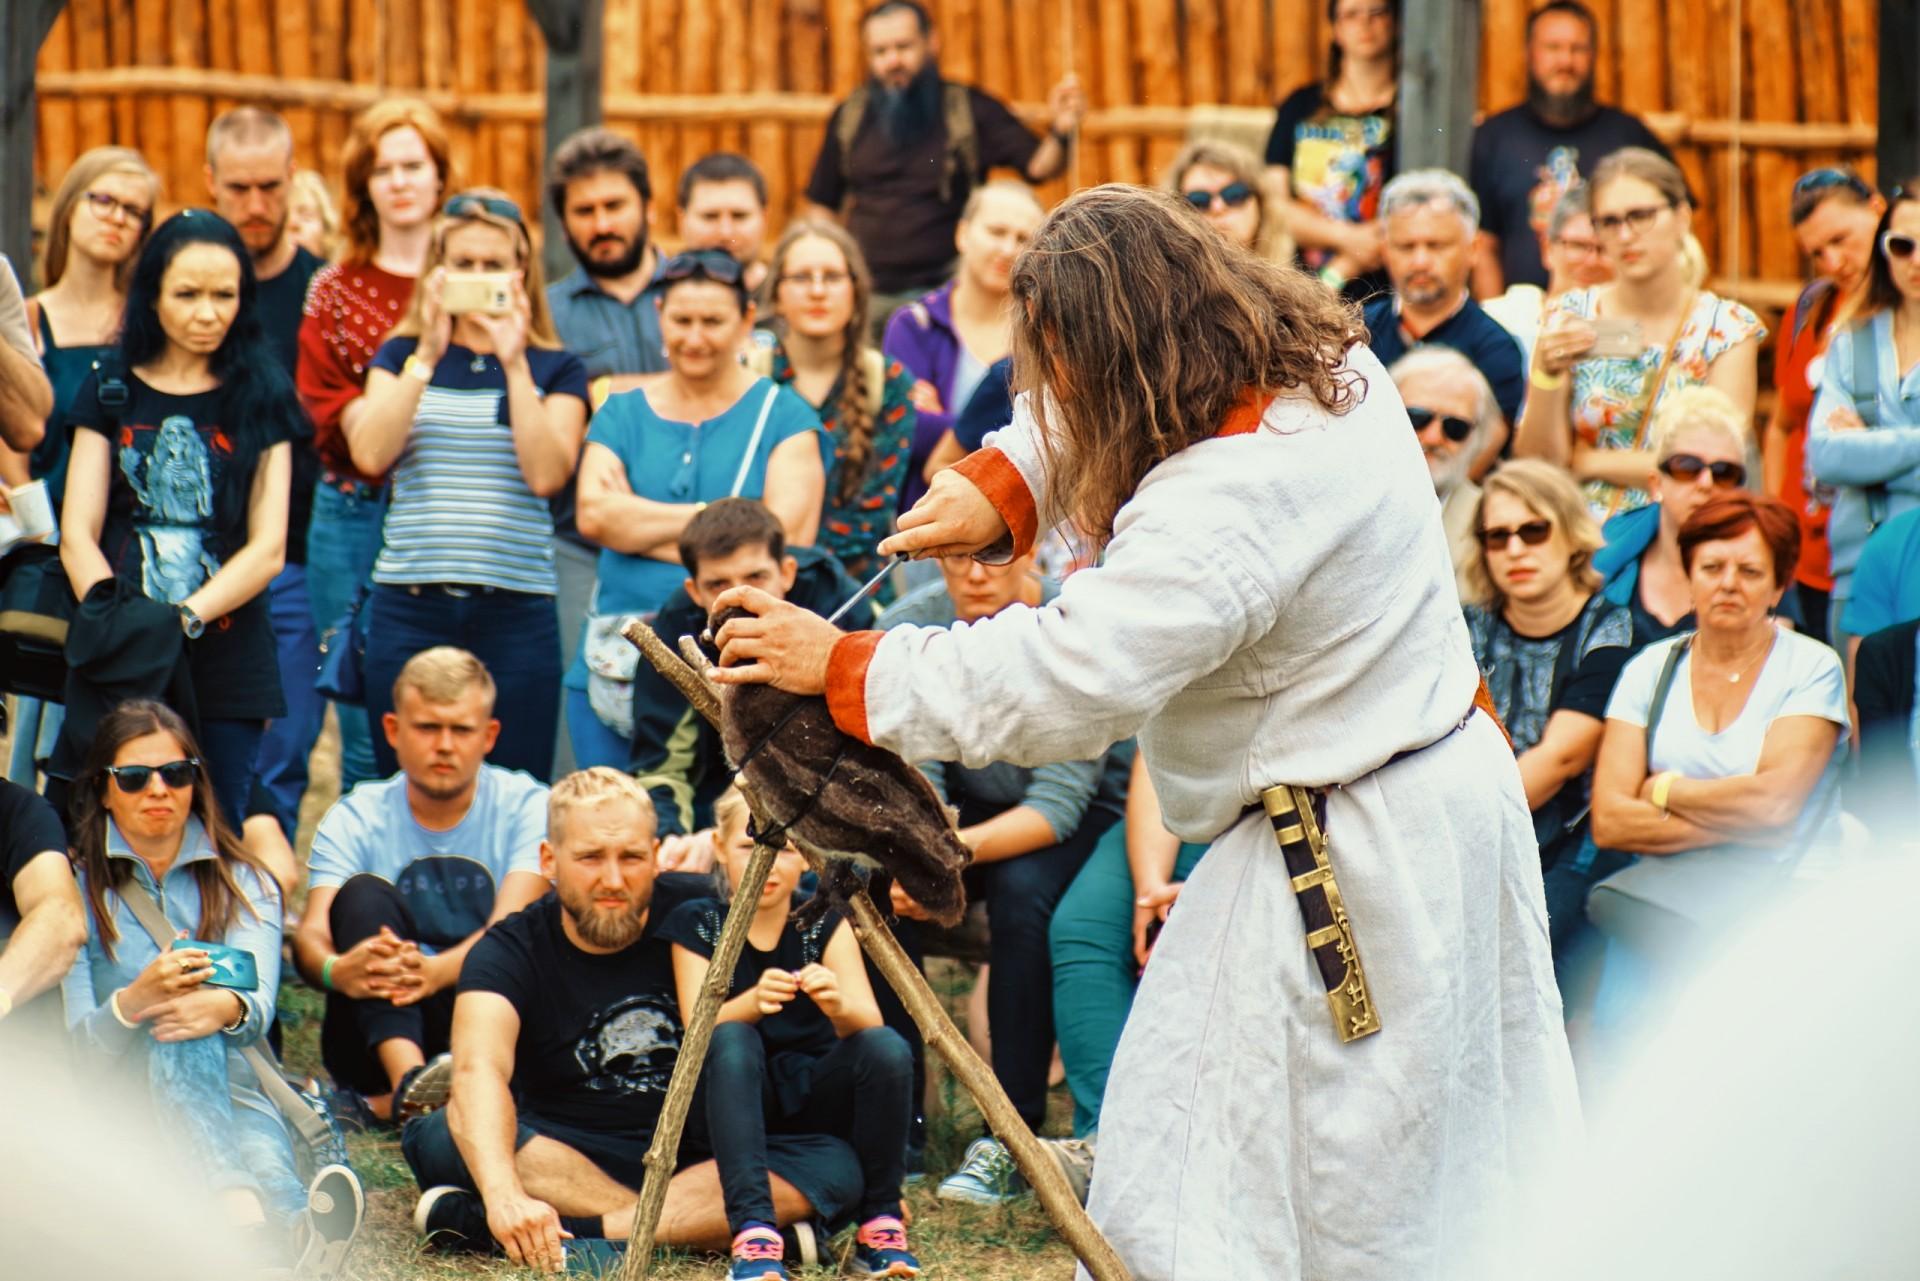 Festiwal Mitologii Słowiańskiej za nami. Jak było? [FOTOREPORTAŻ] 14